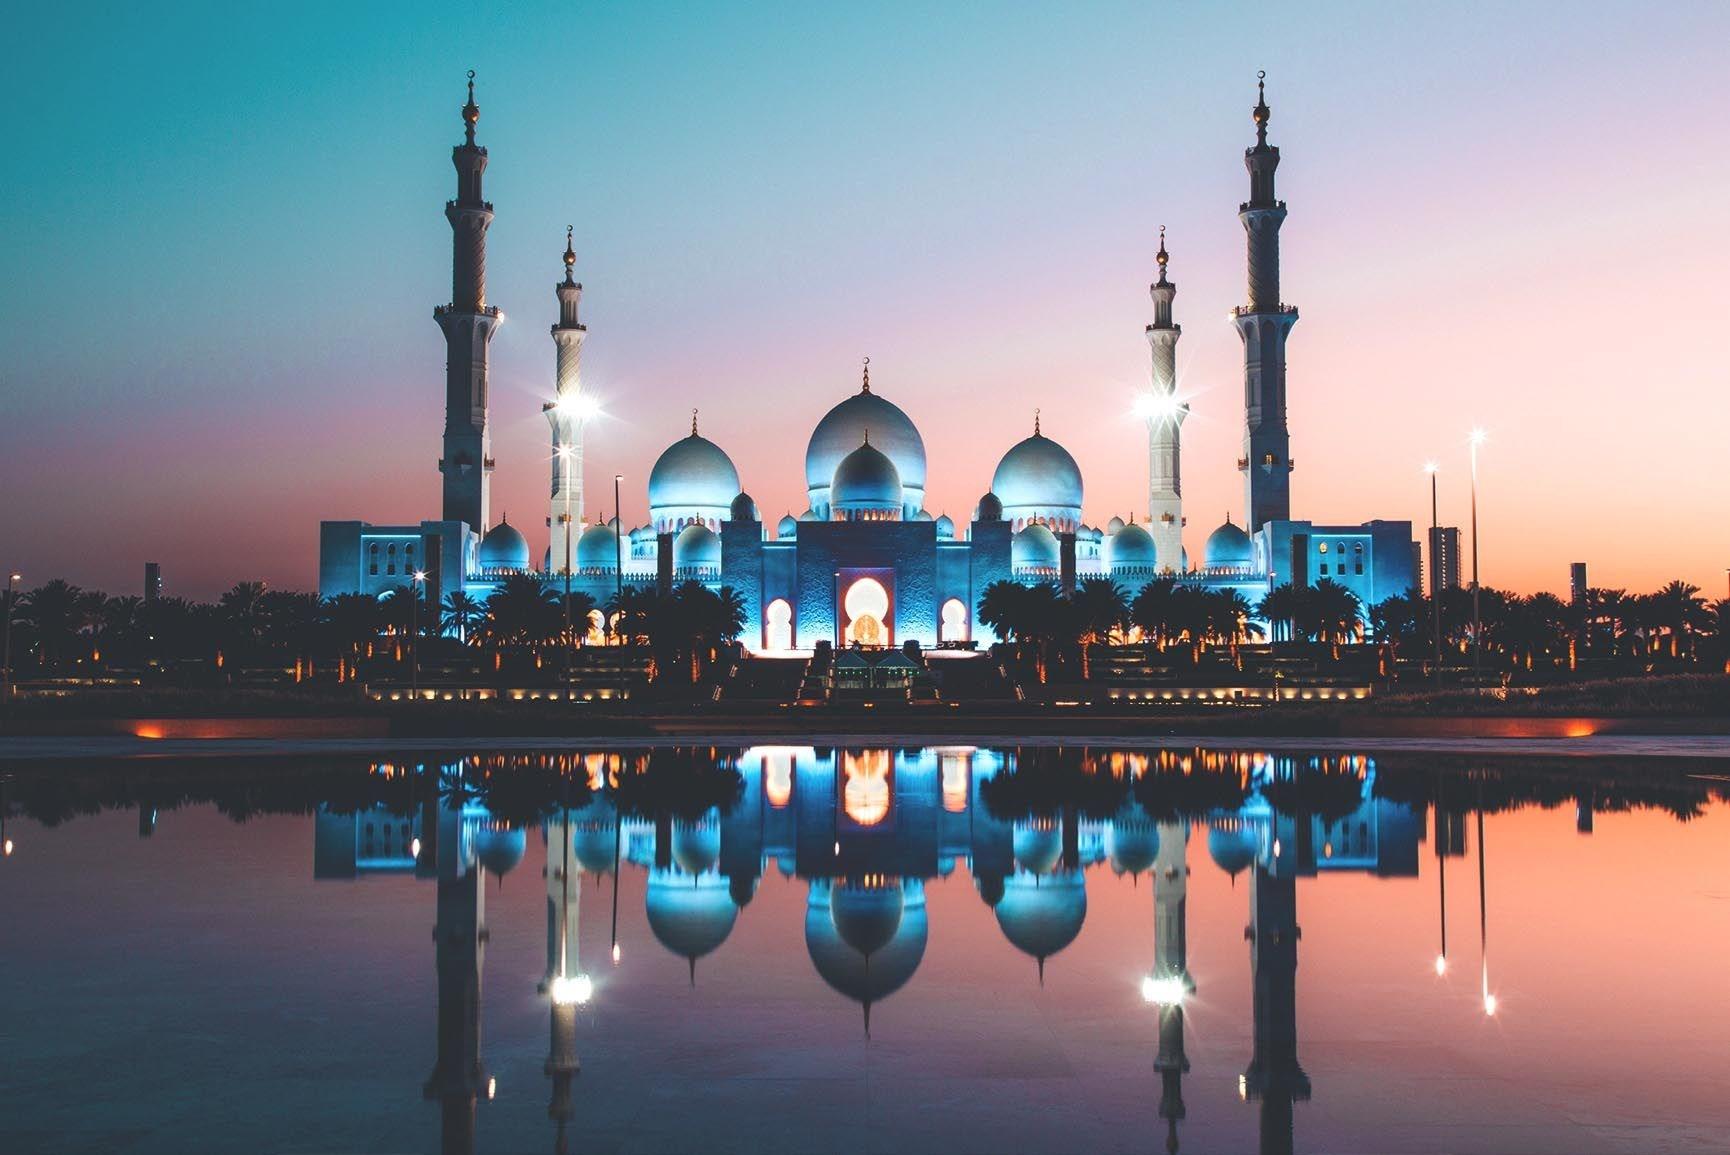 Hình đại điện của danh mục Abu Dhabi